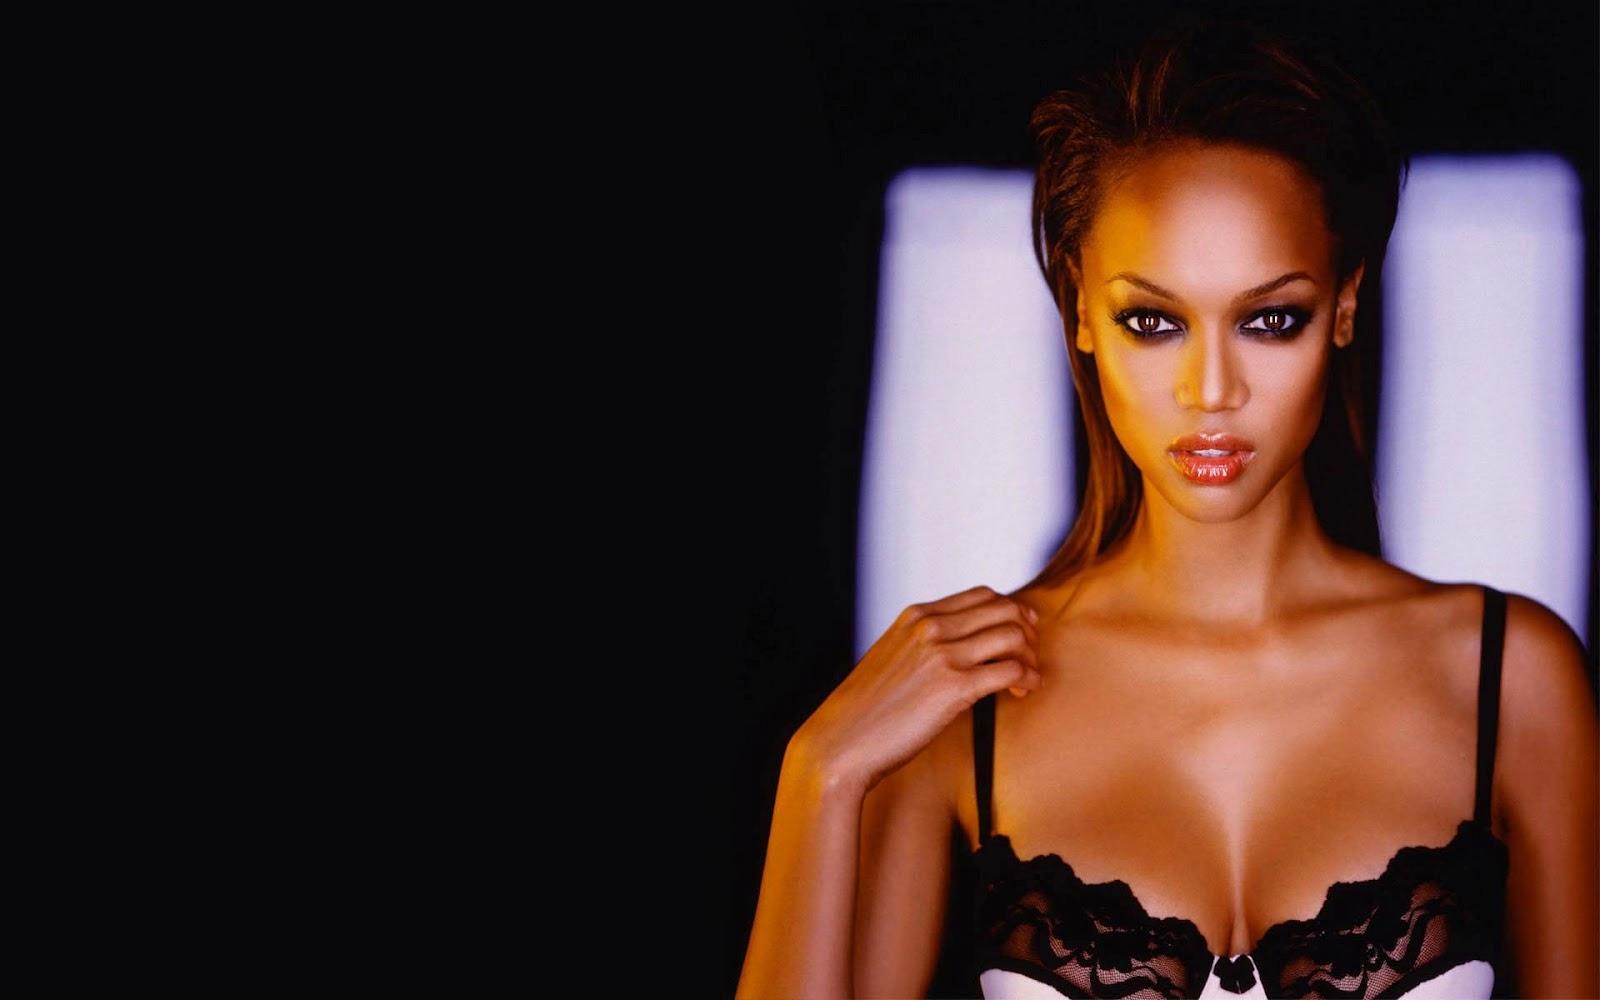 http://3.bp.blogspot.com/-iXuHgaMFaNs/T88Yiw25SfI/AAAAAAAABbU/fIYvysteCfw/s1600/Tyra_Banks_Beautiful_Look.jpg